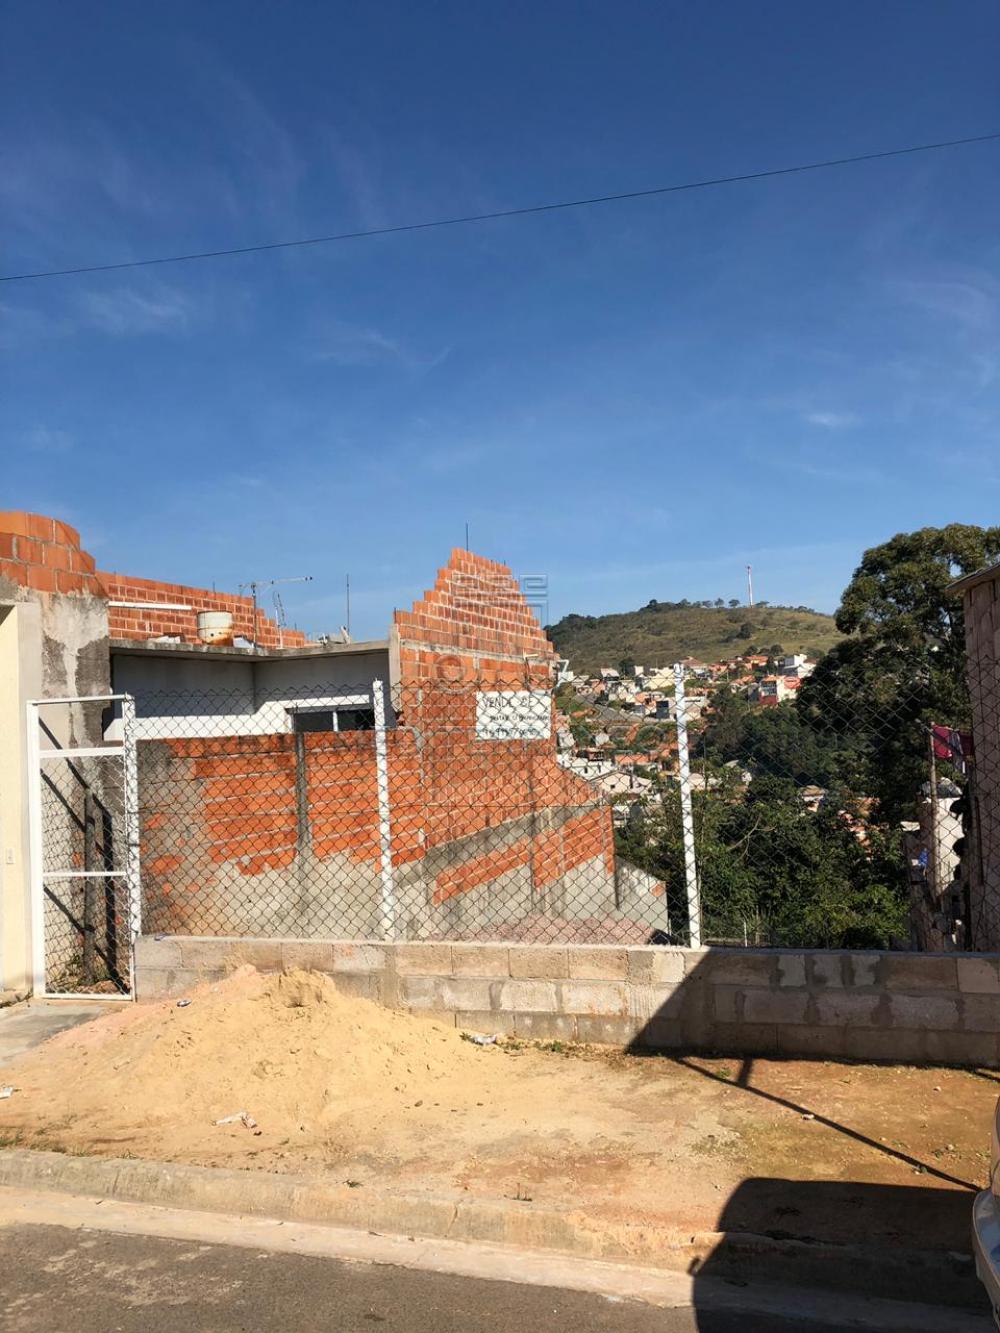 Comprar Terreno / Padrão em Várzea Paulista apenas R$ 110.000,00 - Foto 1